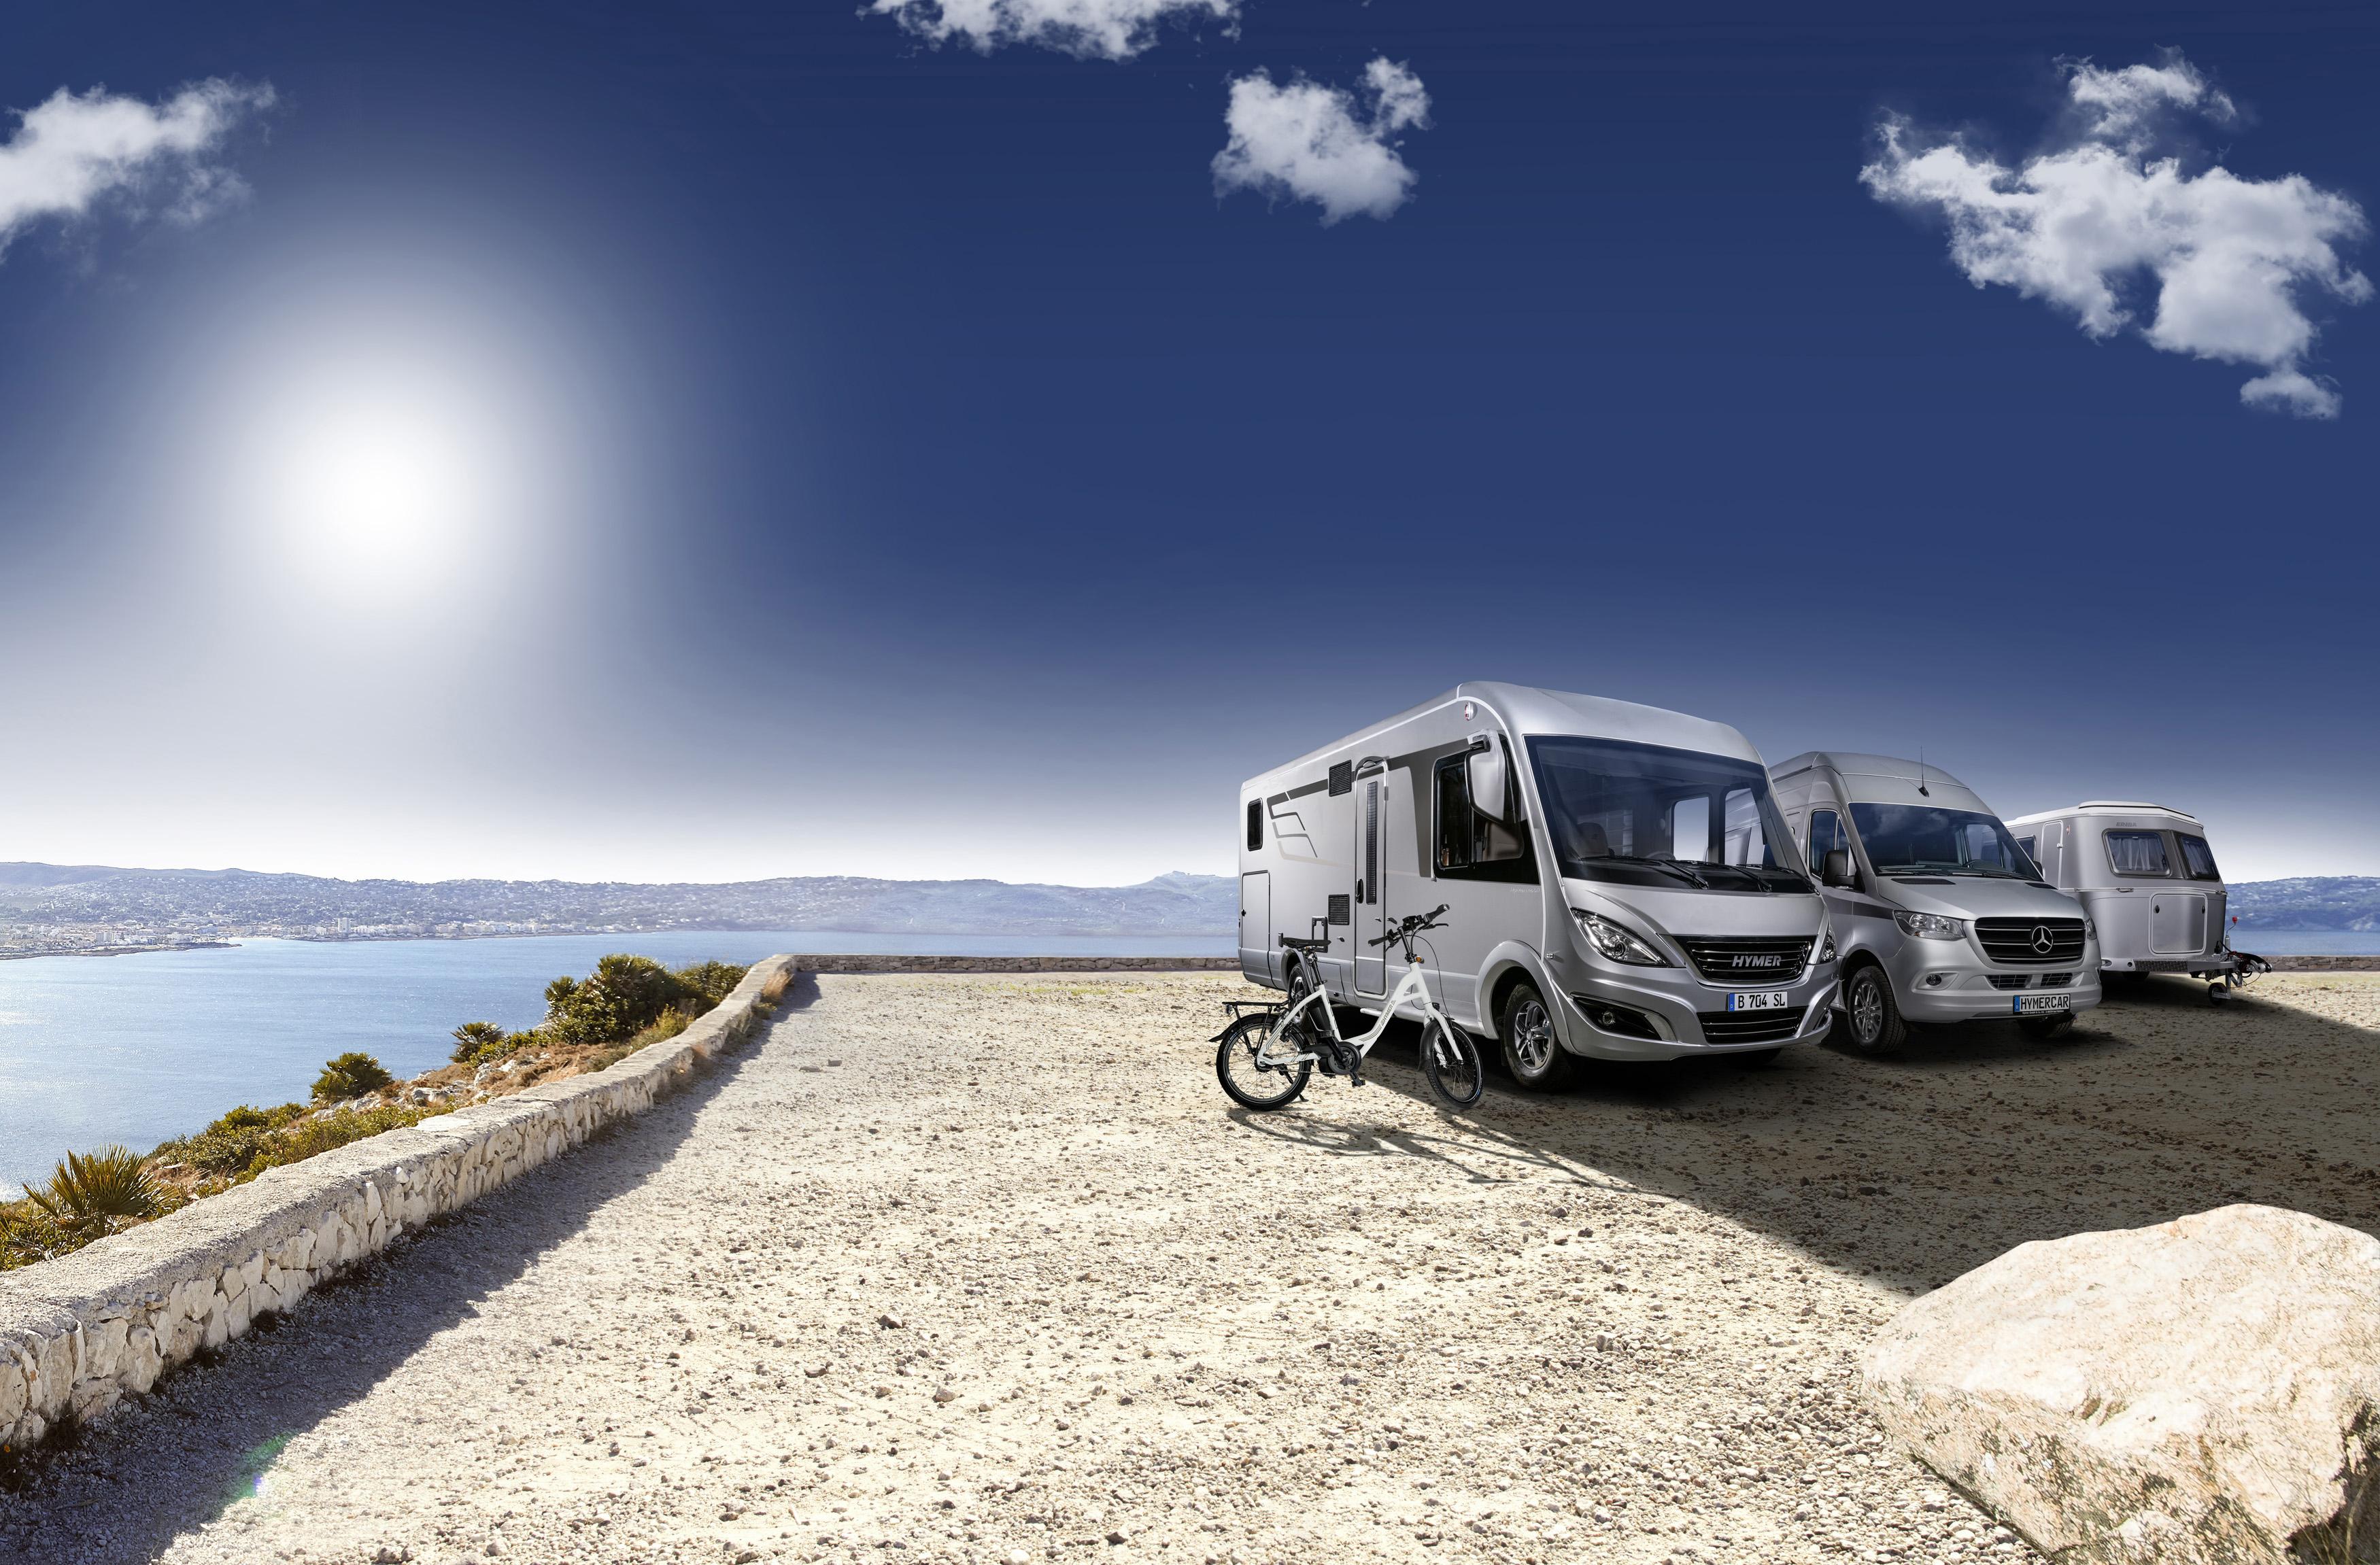 HYMER Geschäftsfelder: HYMER Reisemobile, ERIBA Caravans, HYMERCAR Camper Vans und HYMER Original Teile & Zubehör